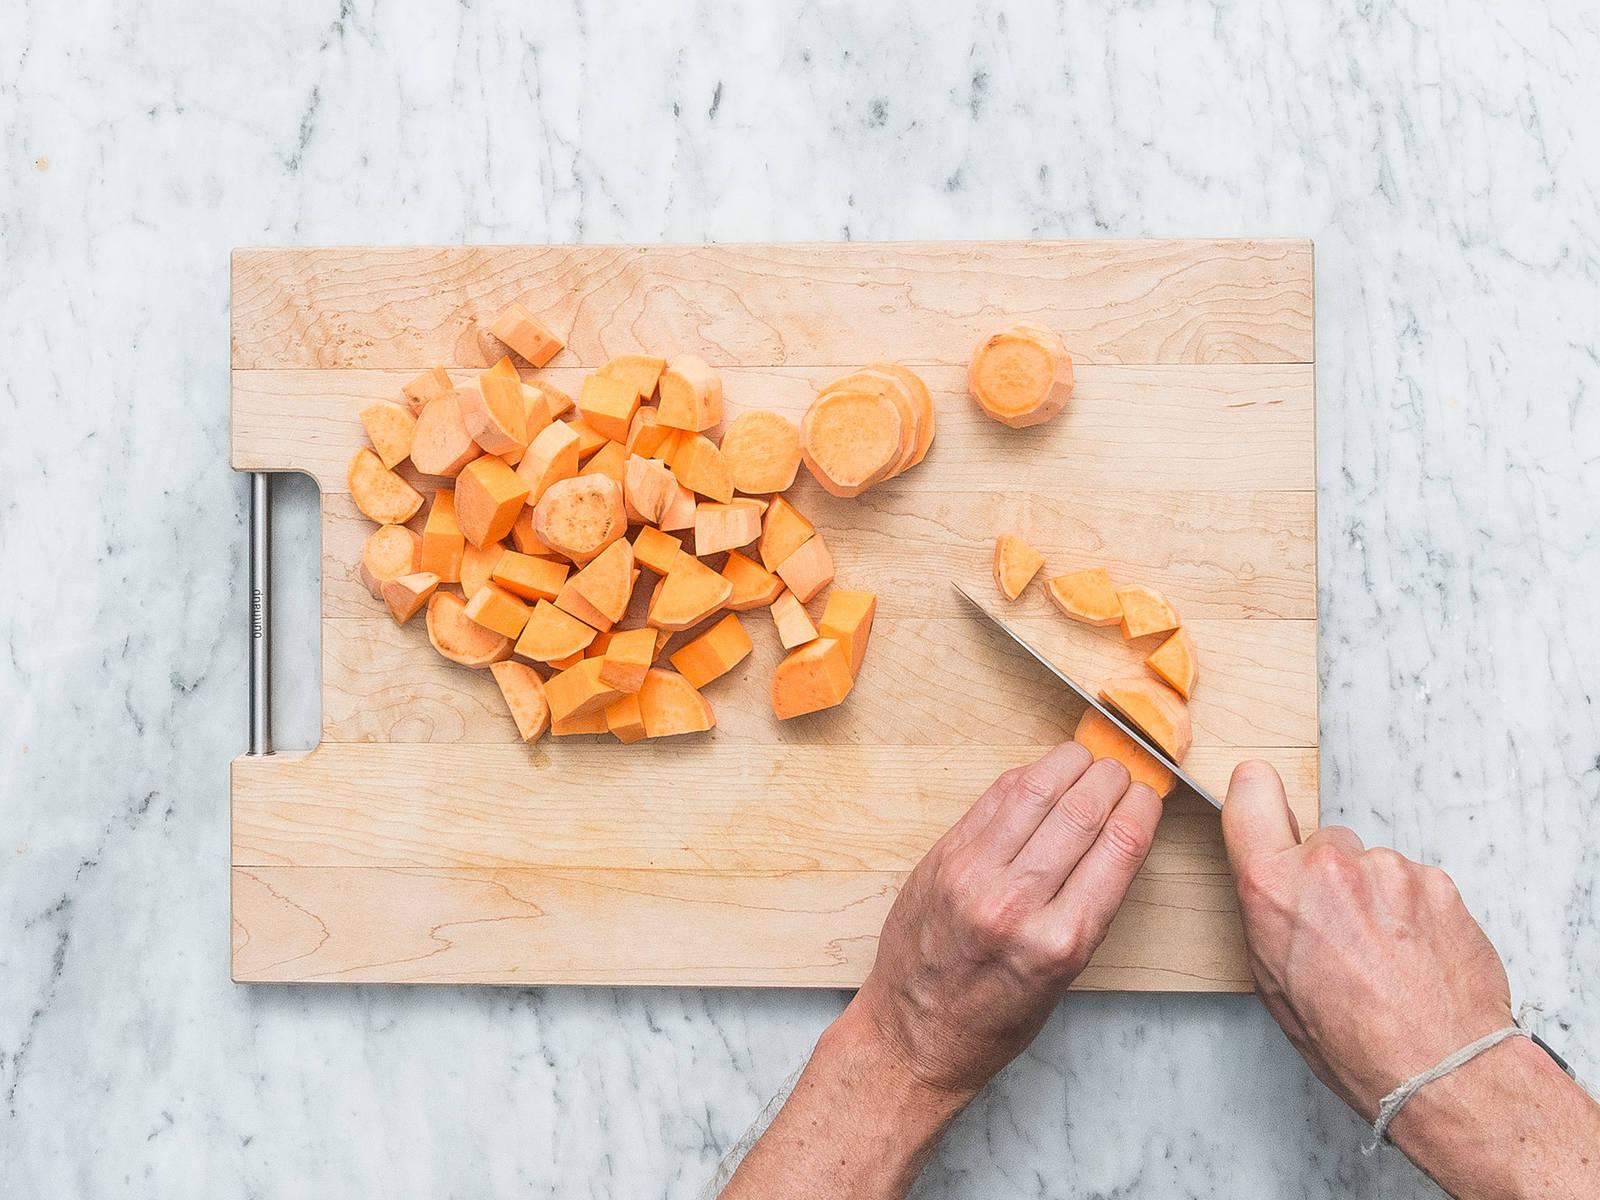 将烤箱预热至210℃。将红薯切成1英寸的薄片,洋葱去皮后切成楔形。蒜削皮后剁碎。将椰油放入小锅中,小火加热。